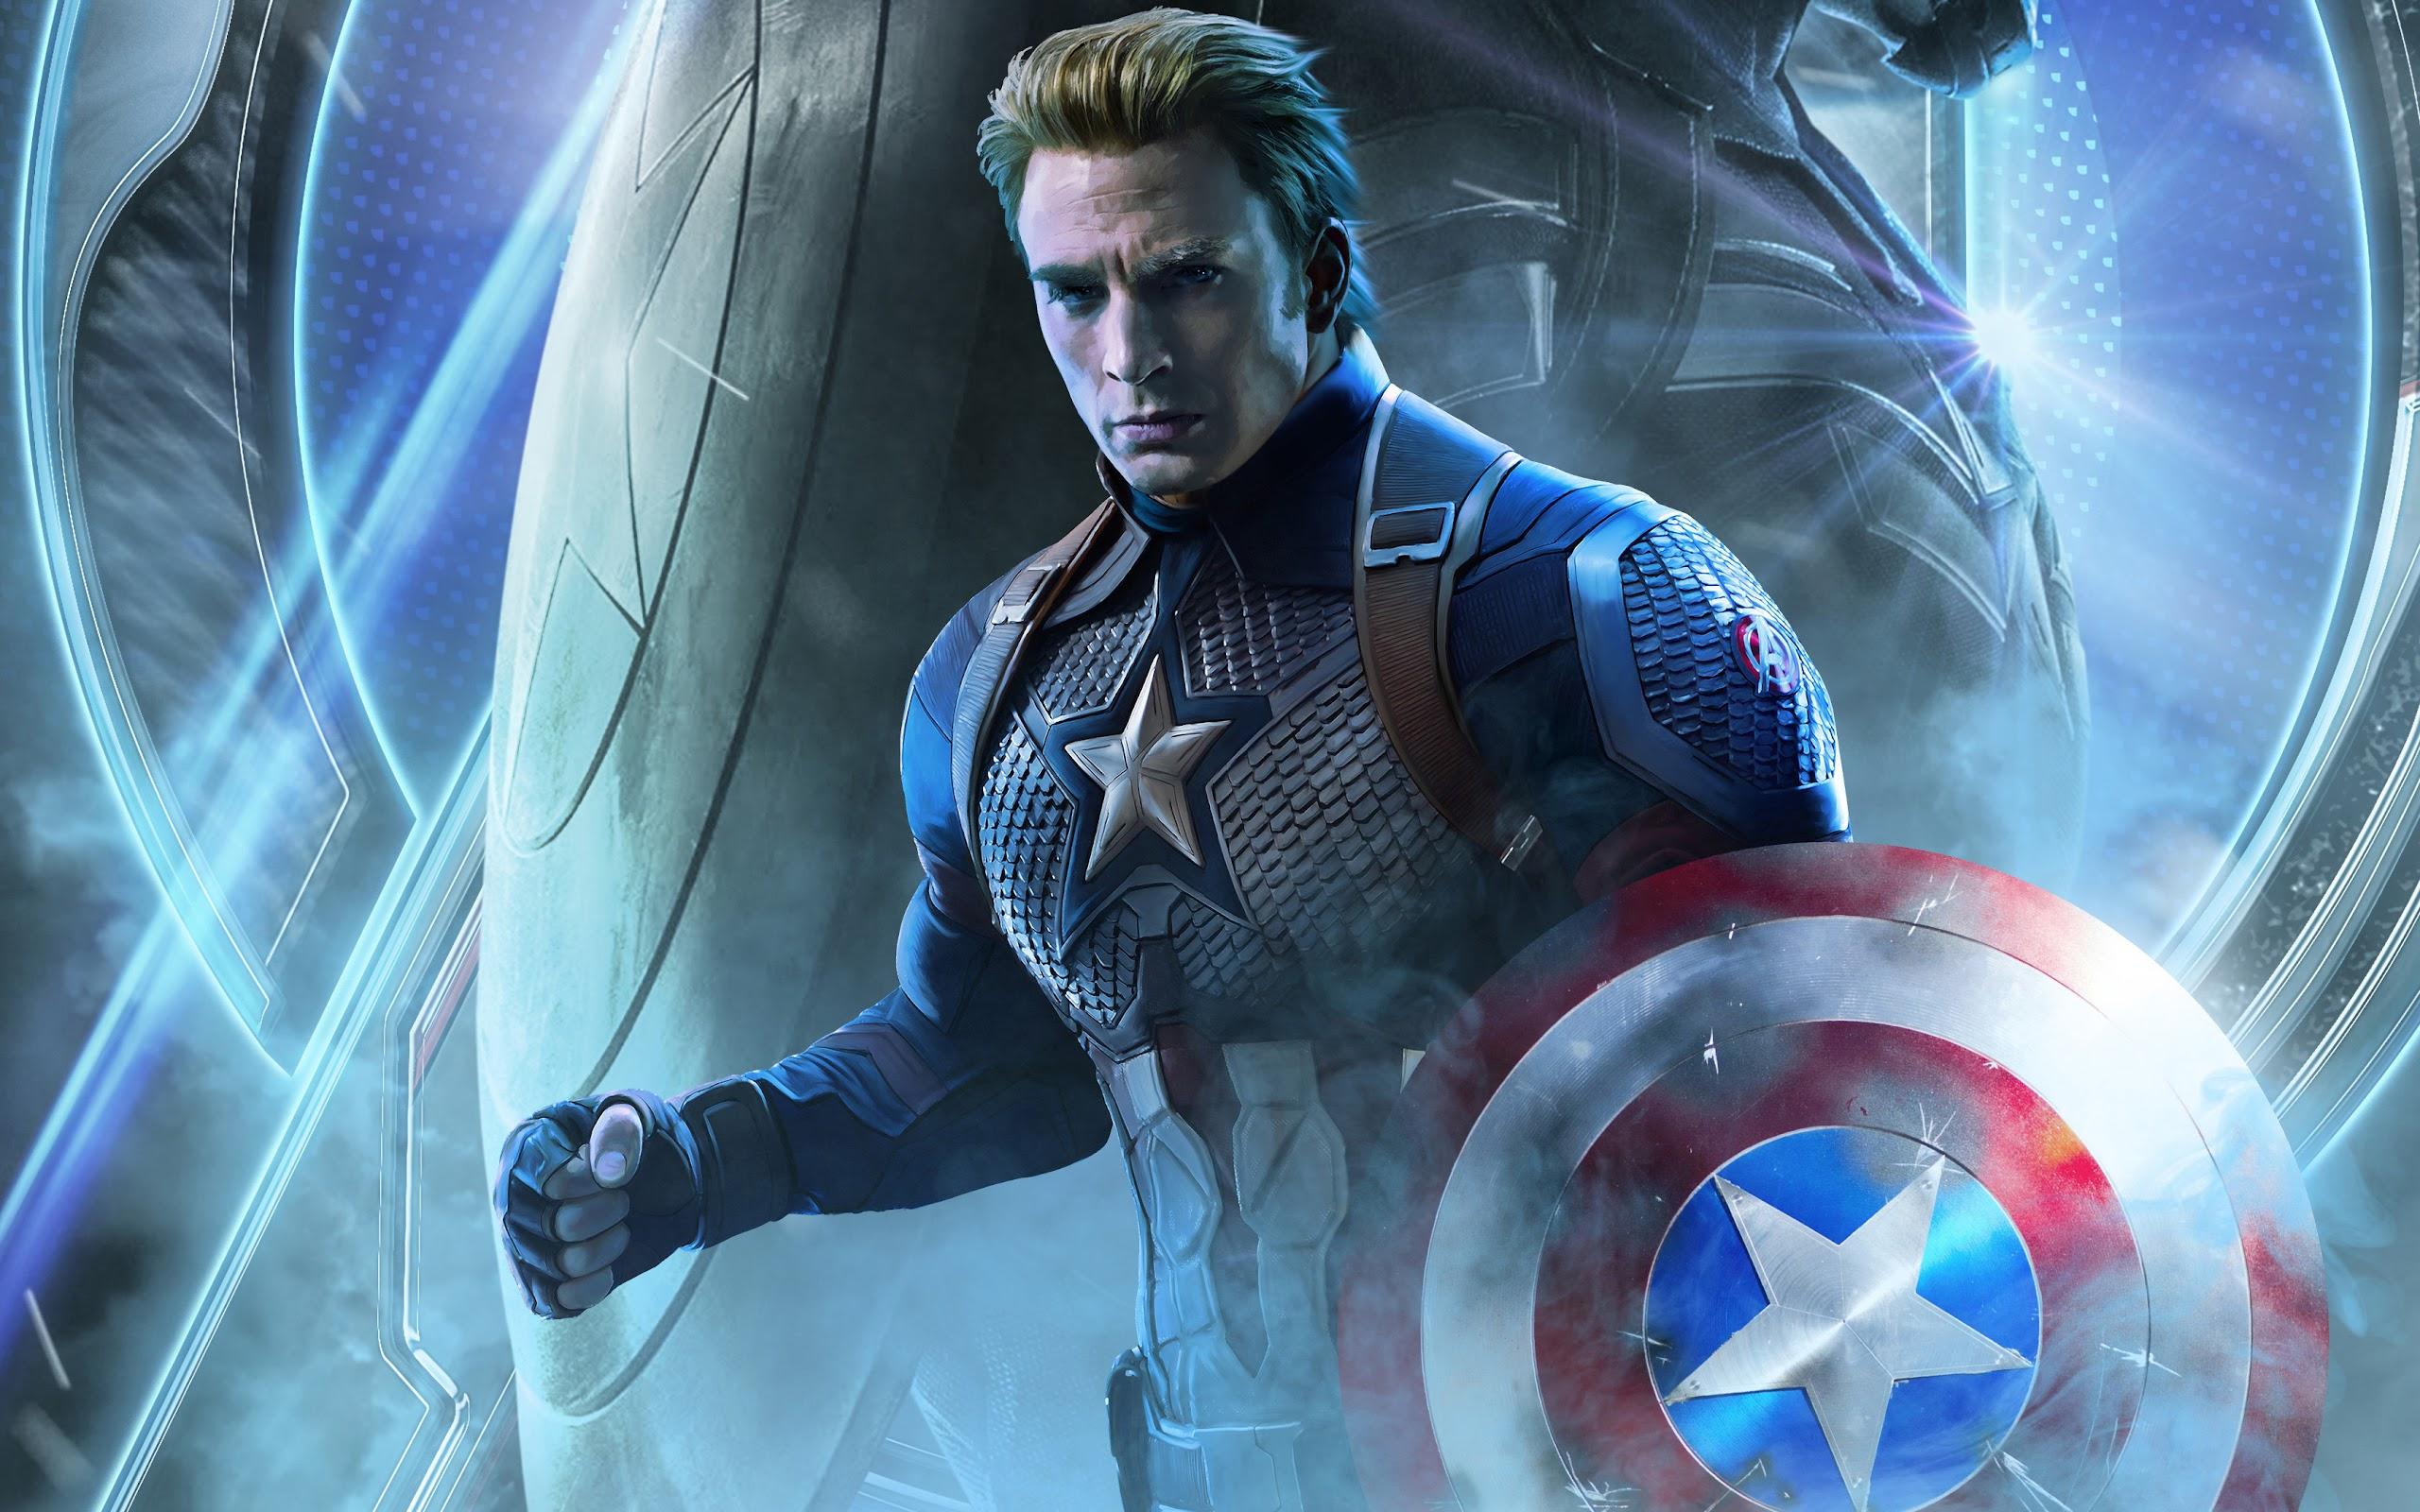 Avengers: Endgame, Captain America, 4K, #18 Wallpaper